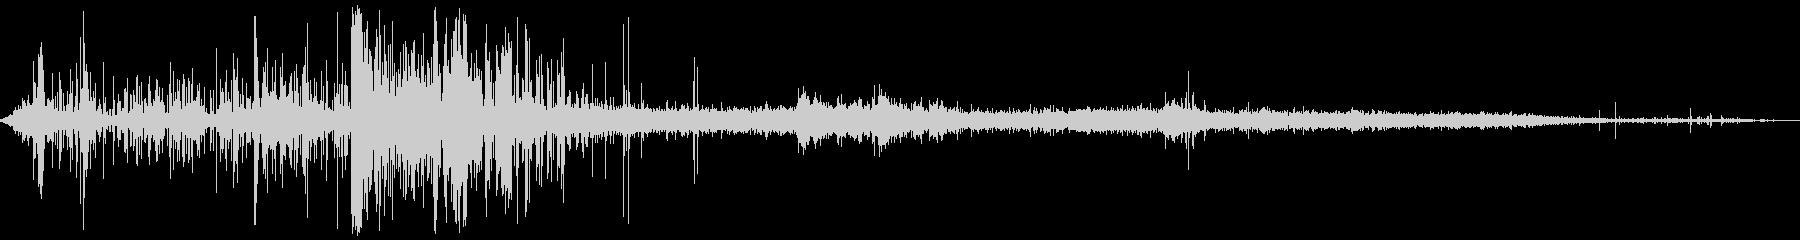 スプレーガン付きガーデンホース:シ...の未再生の波形